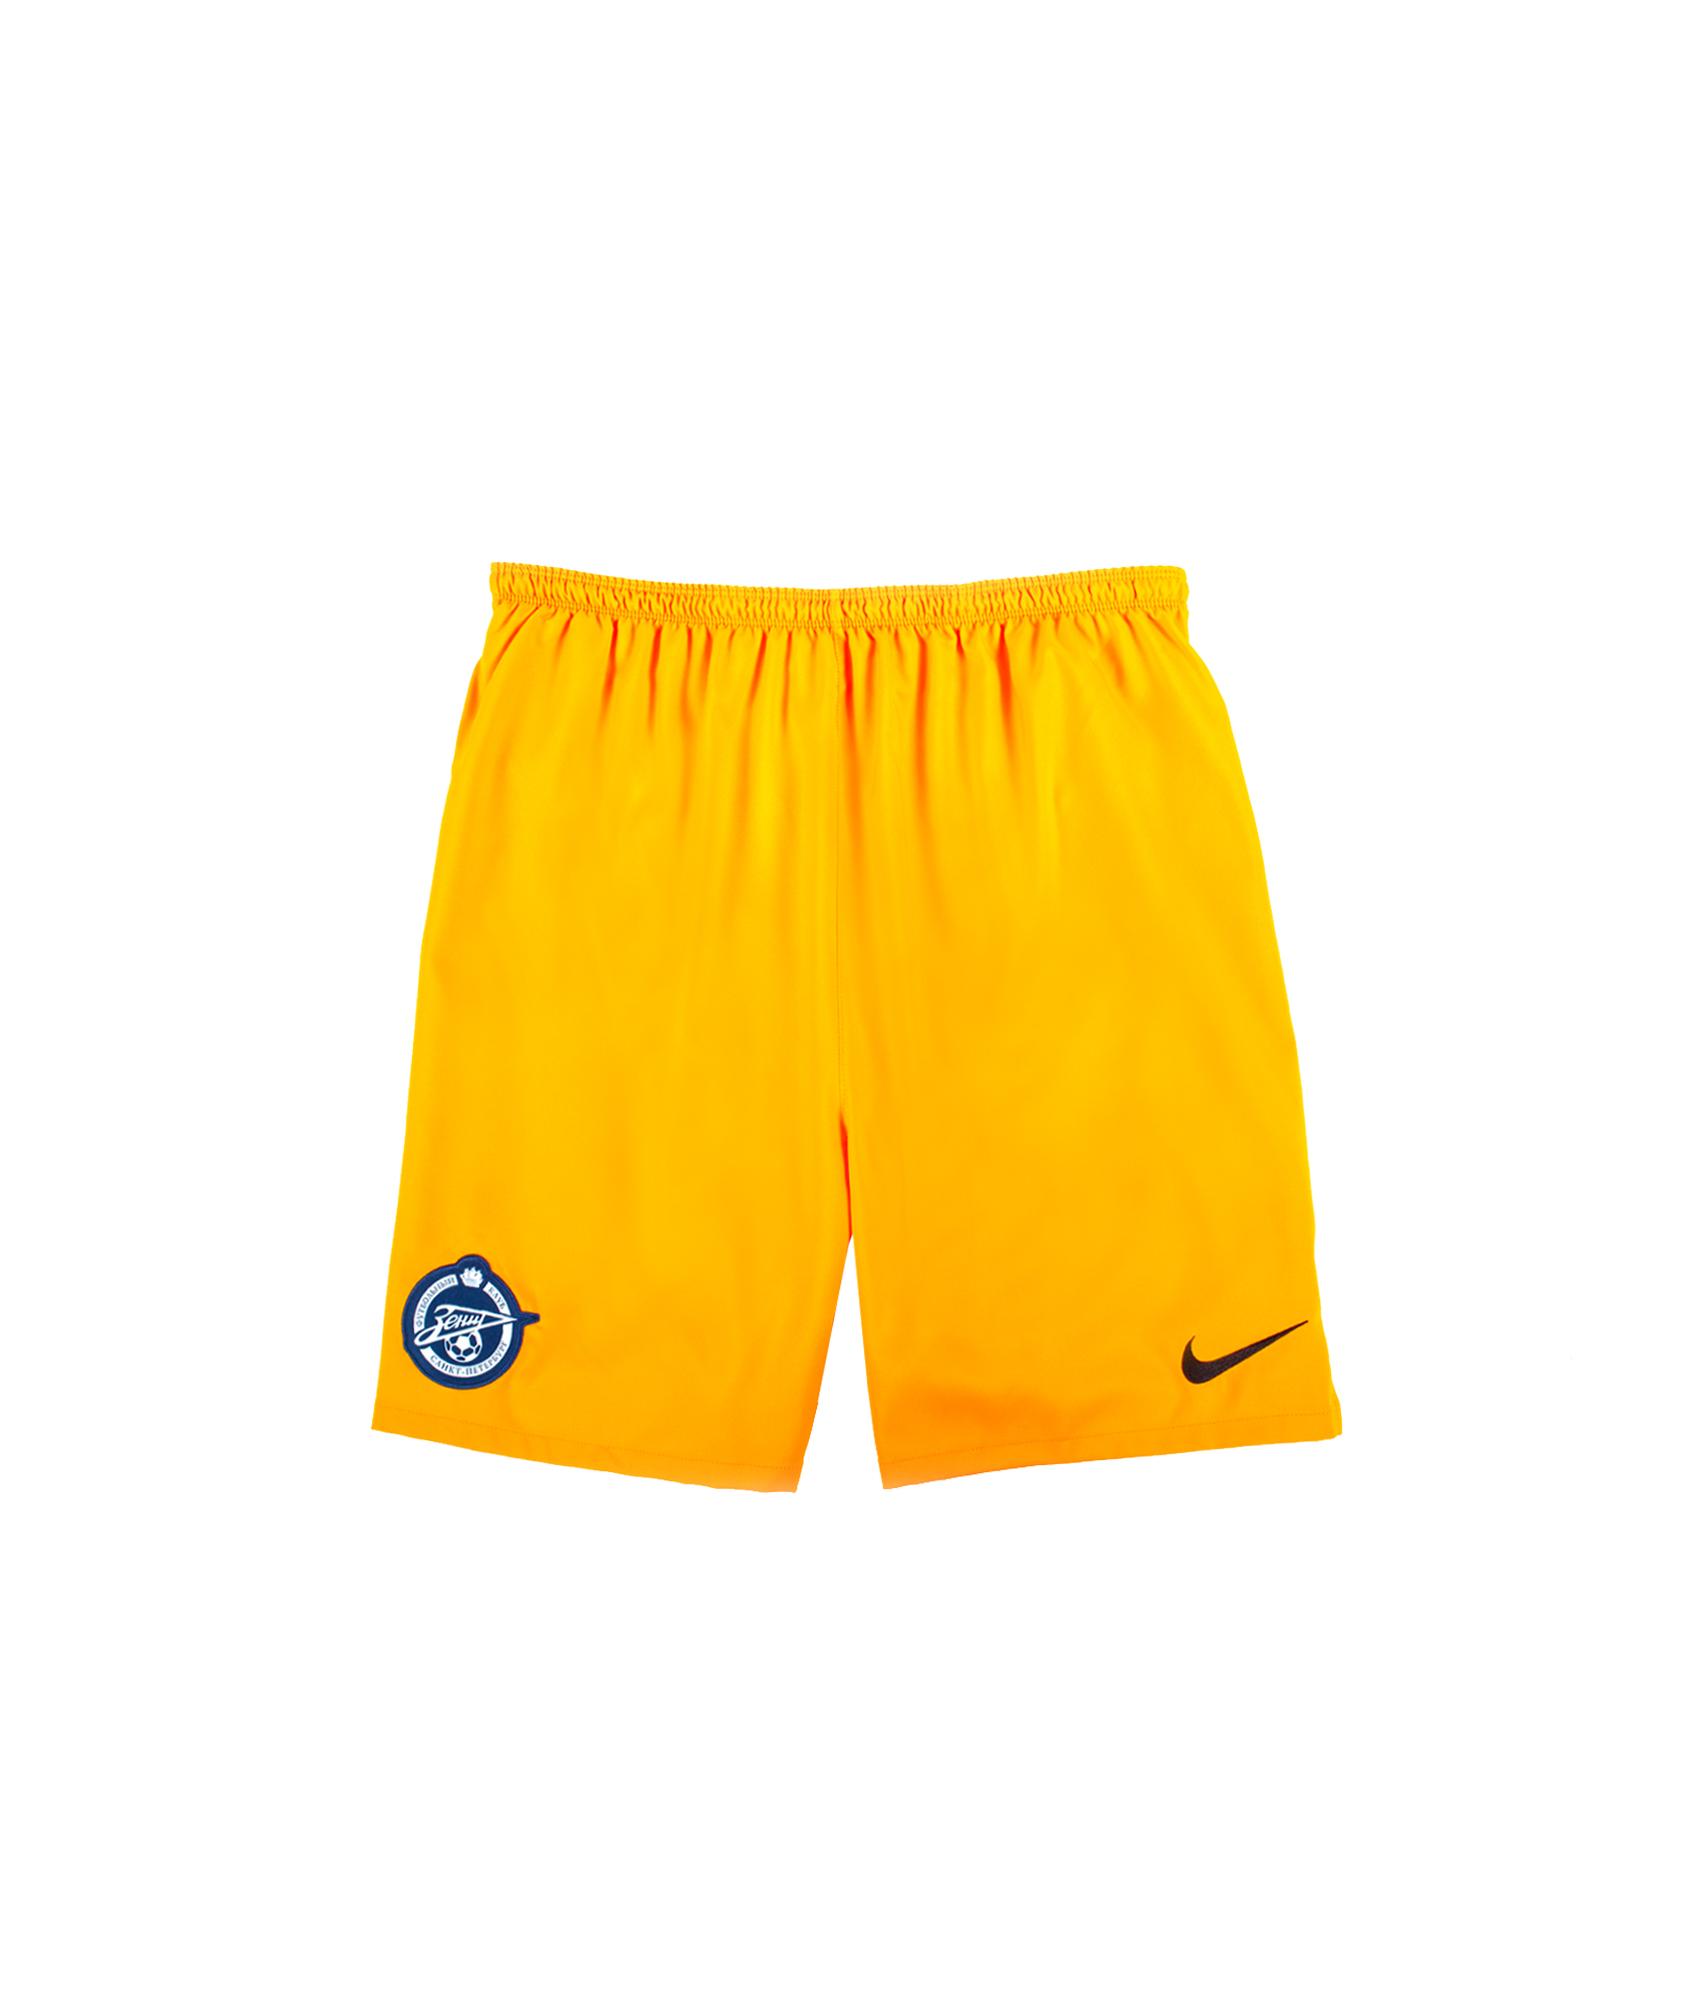 Шорты вратарские , Цвет-Желтый, Размер-XL